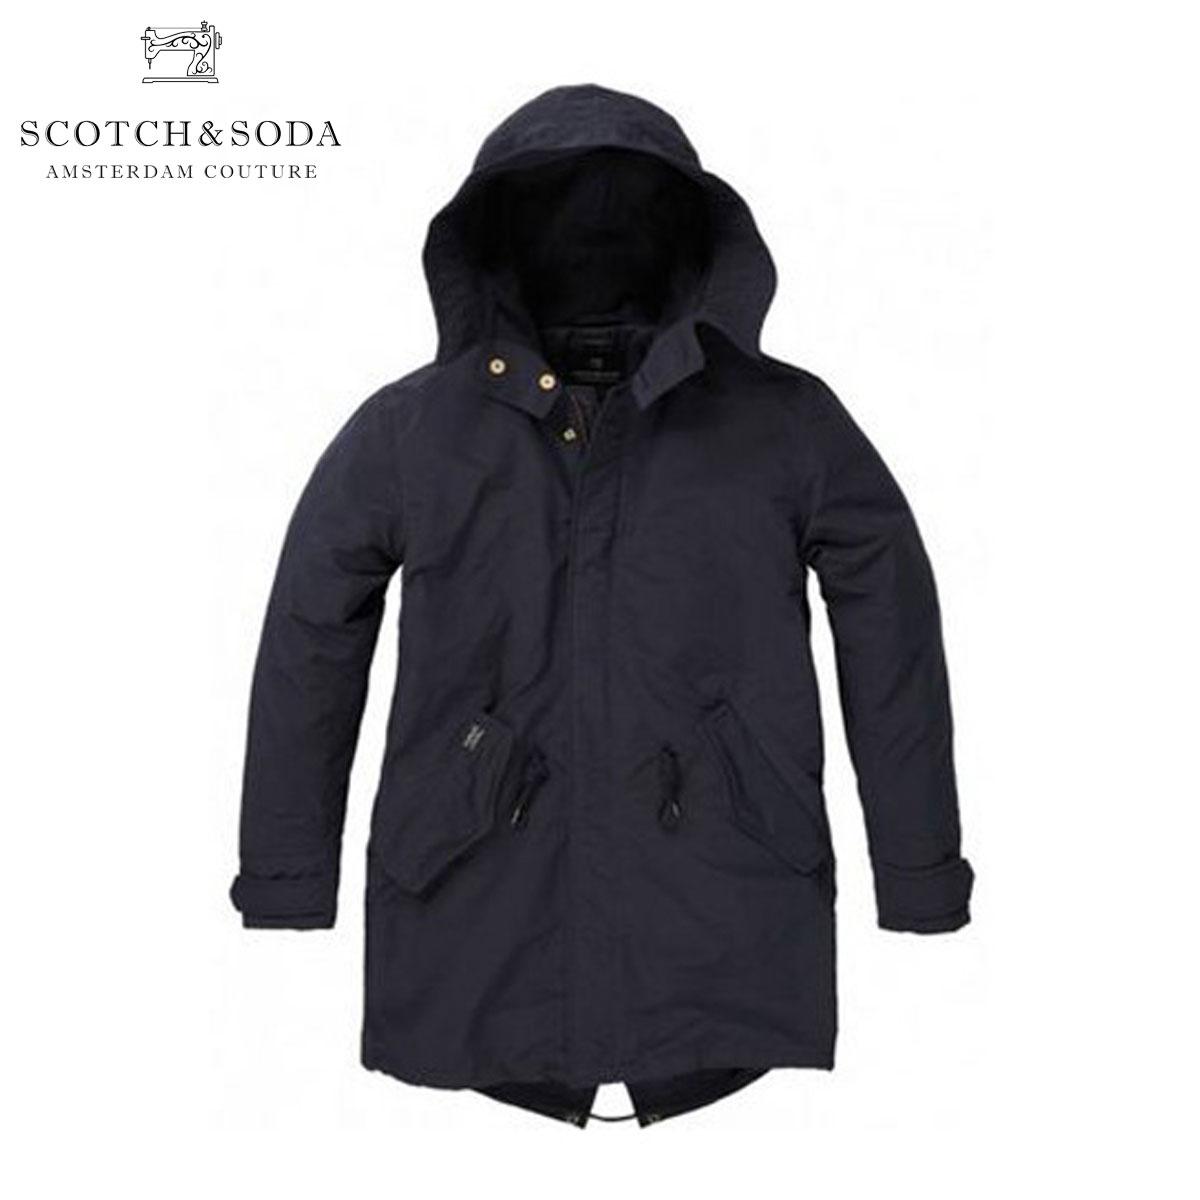 スコッチアンドソーダ SCOTCH&SODA 正規販売店 メンズ アウターパーカー Long parka 10024 ナイト D35S45